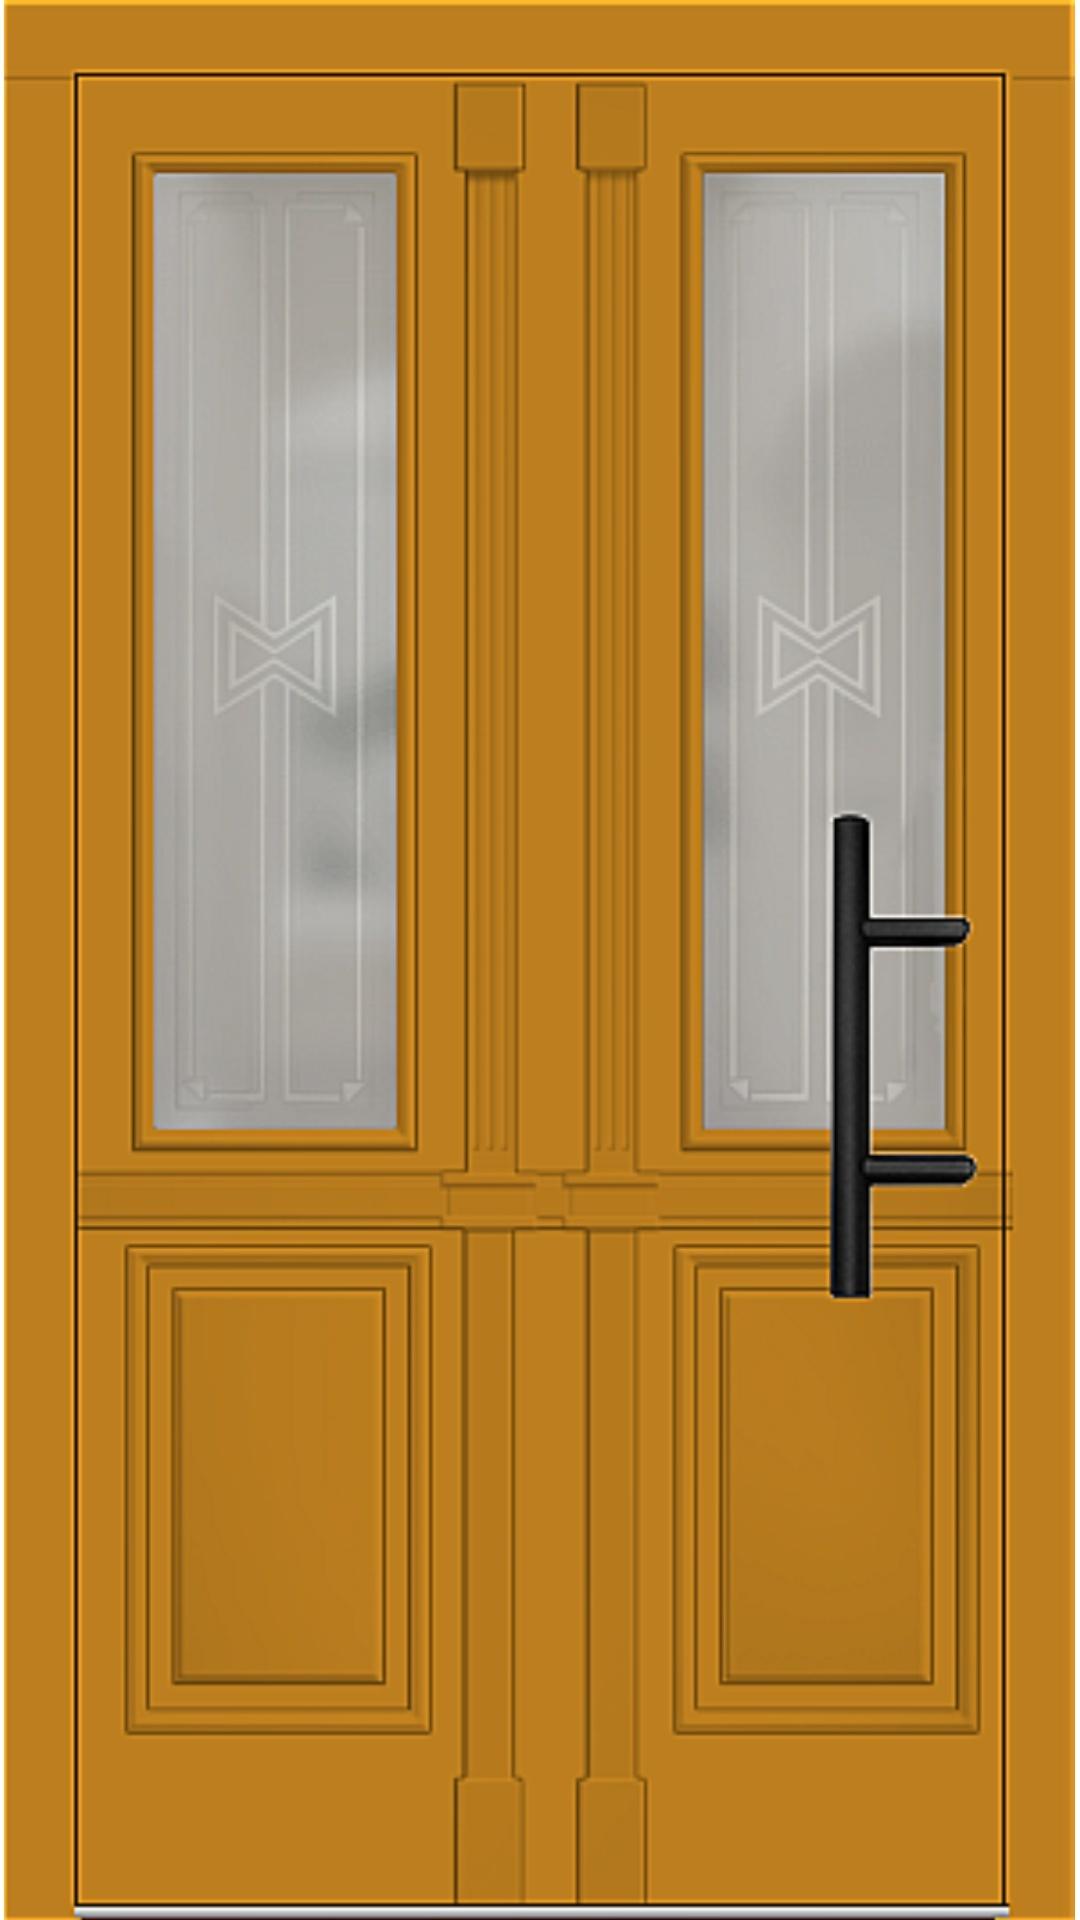 Holz Haustür Modell 7210 honiggelb